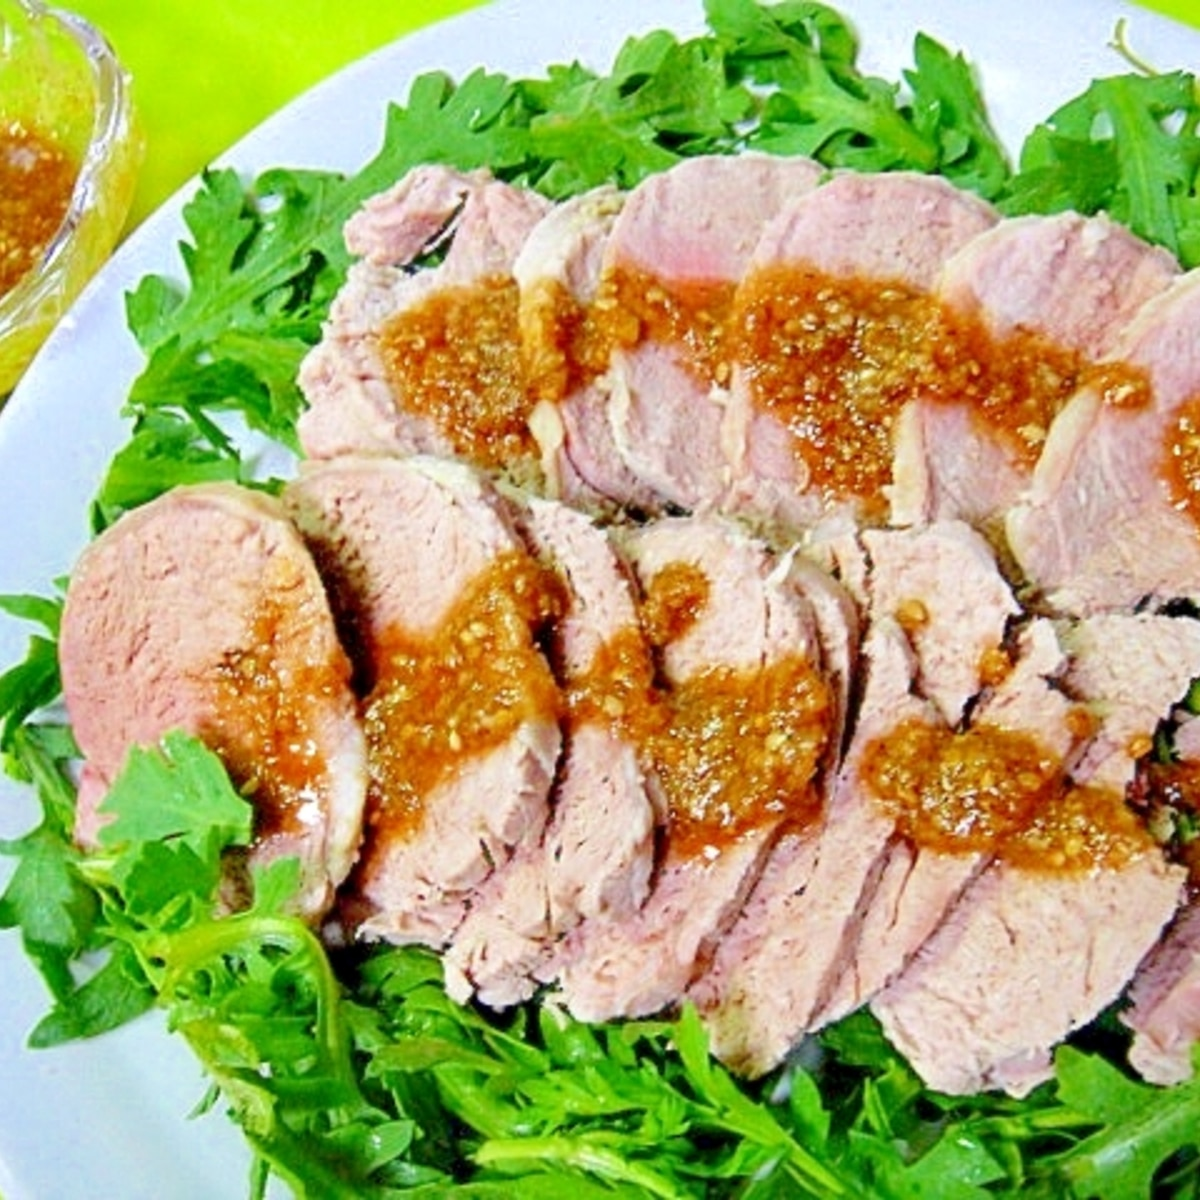 ブロック 豚ヒレ フライパン1つで20分♪豚ヒレブロック肉で焼豚 レシピ・作り方